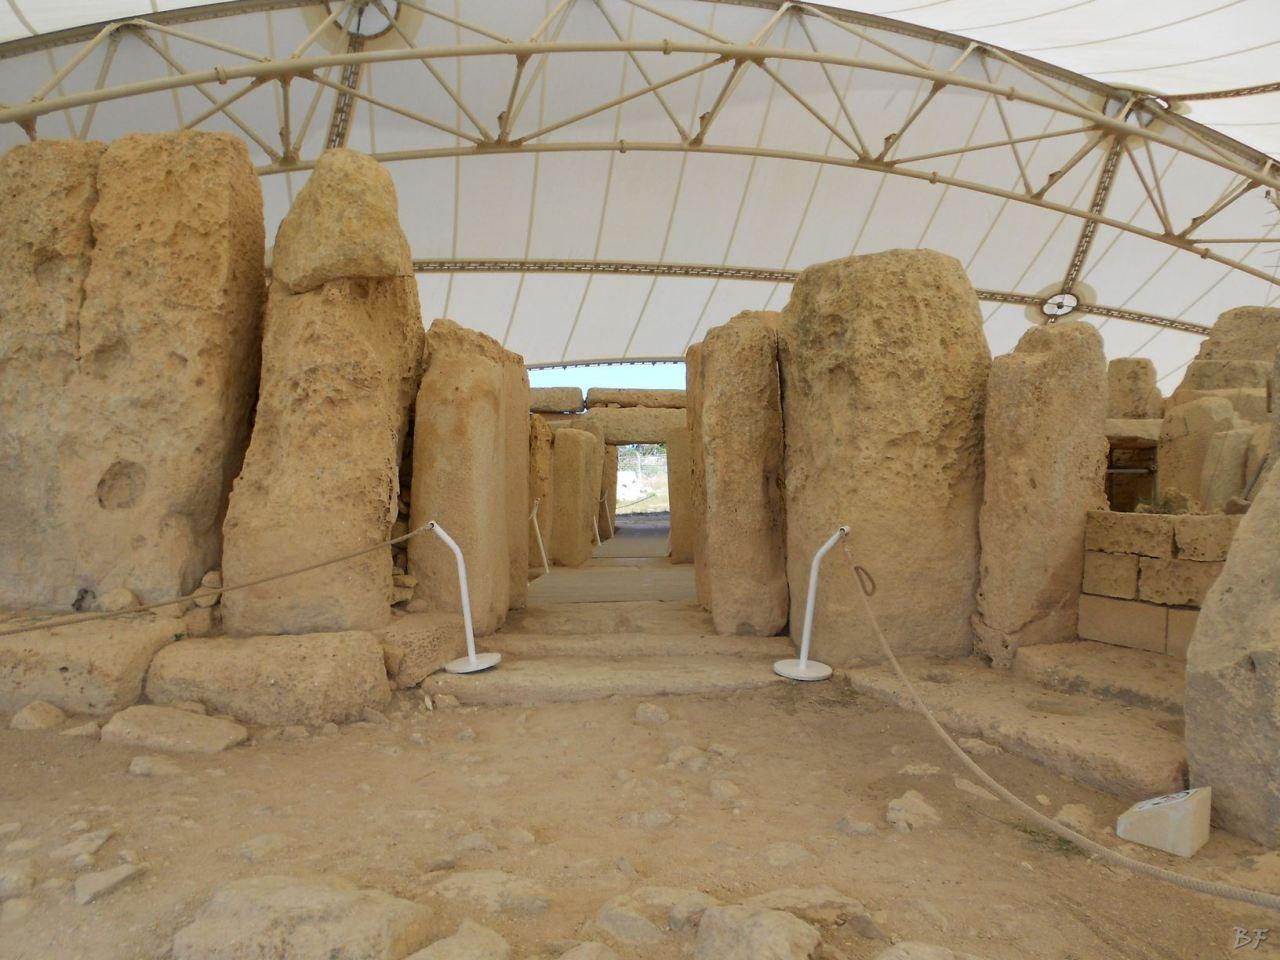 Hagar-Him-Tempio-Megalitico-Qrendi-Malta-14